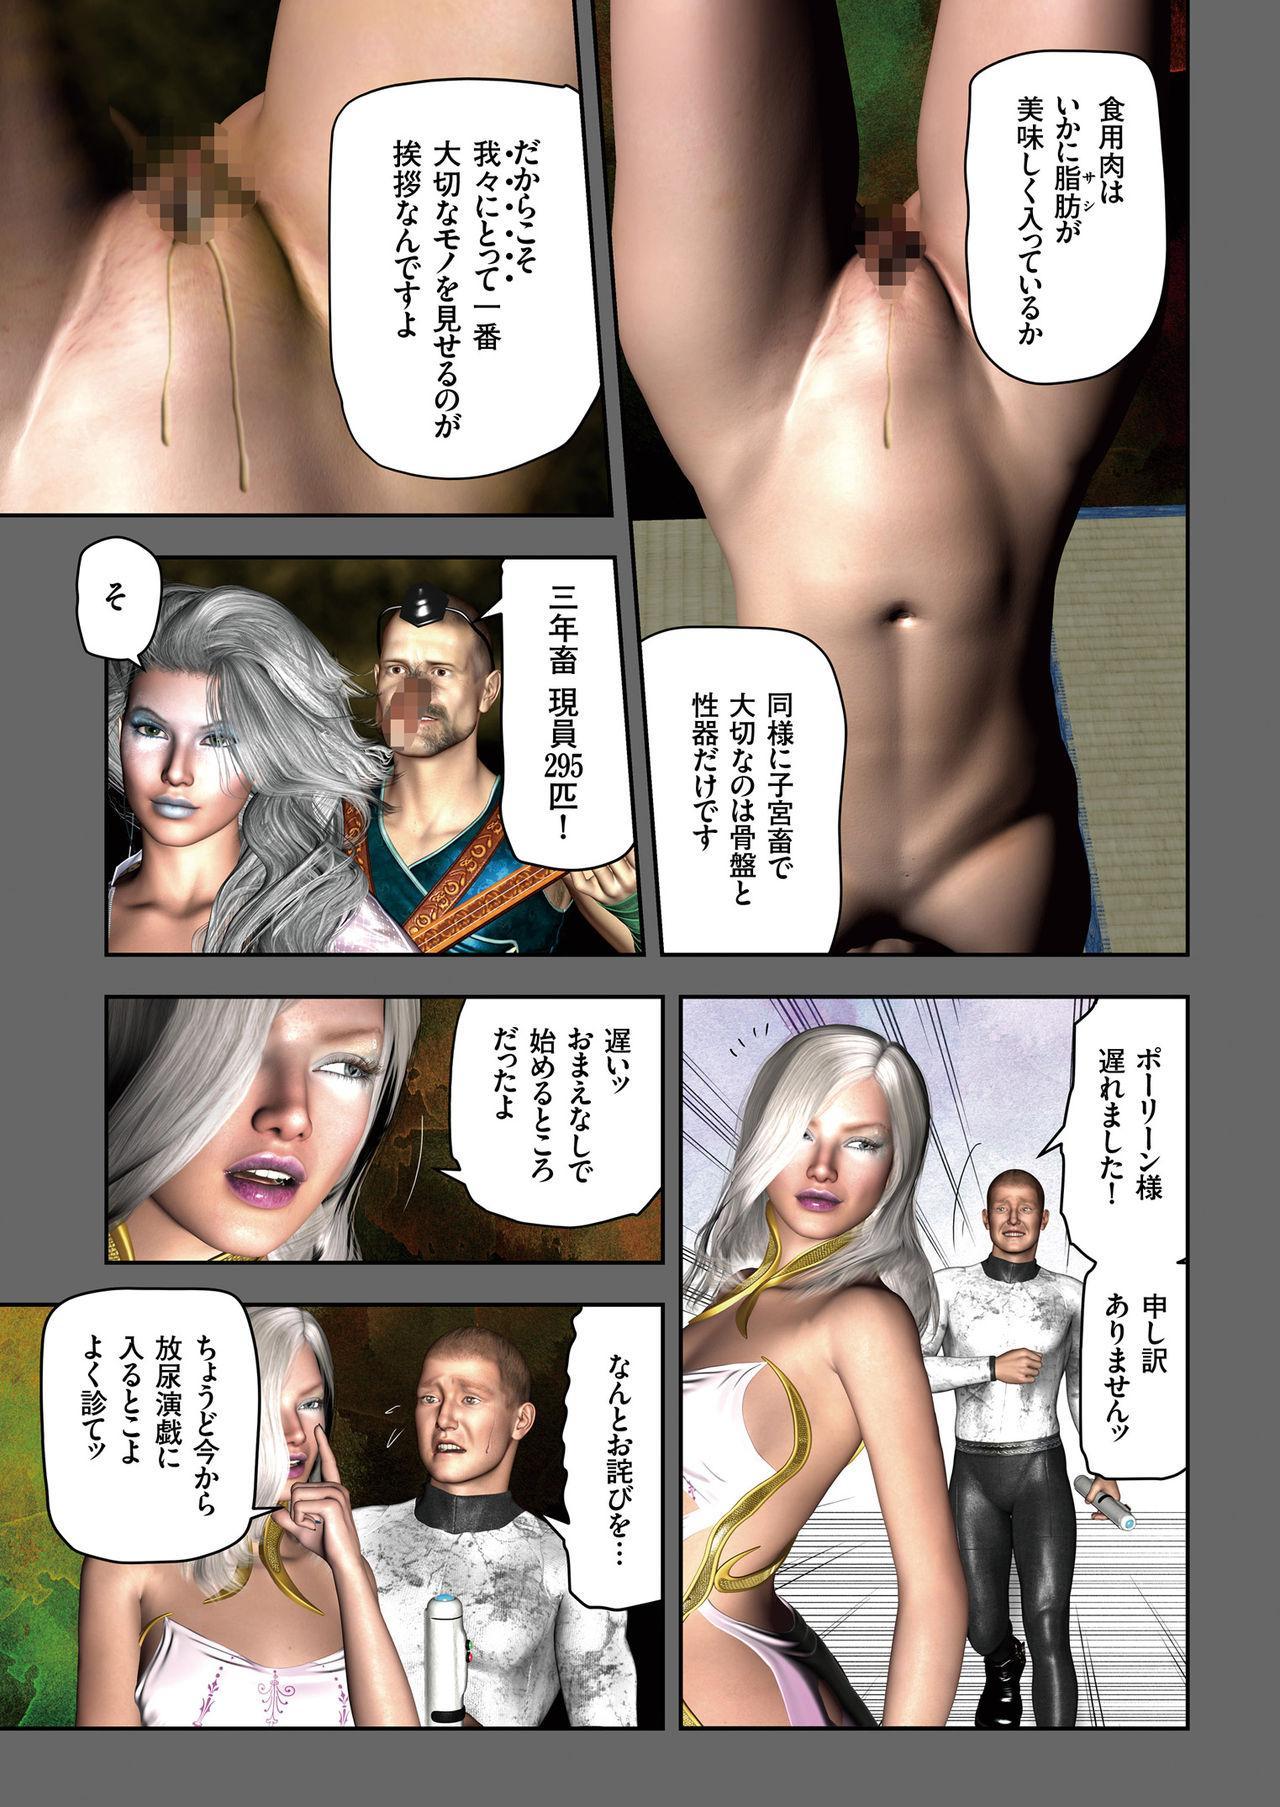 COMIC KURiBERON 2018-11 Vol. 73 4